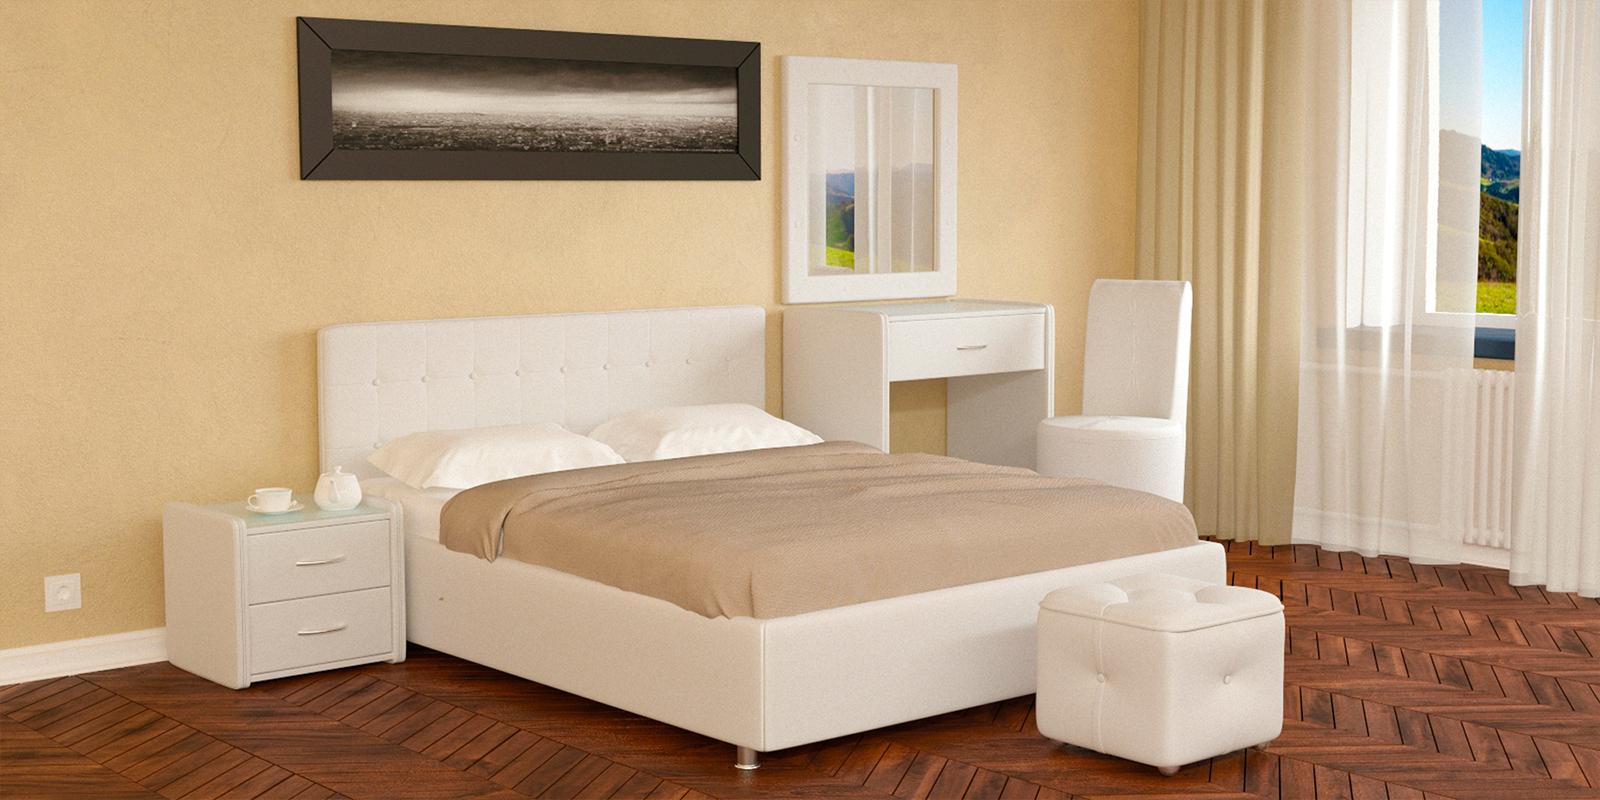 Мягкая кровать 200х160 Малибу вариант №5 с ортопедическим основанием (Белый)